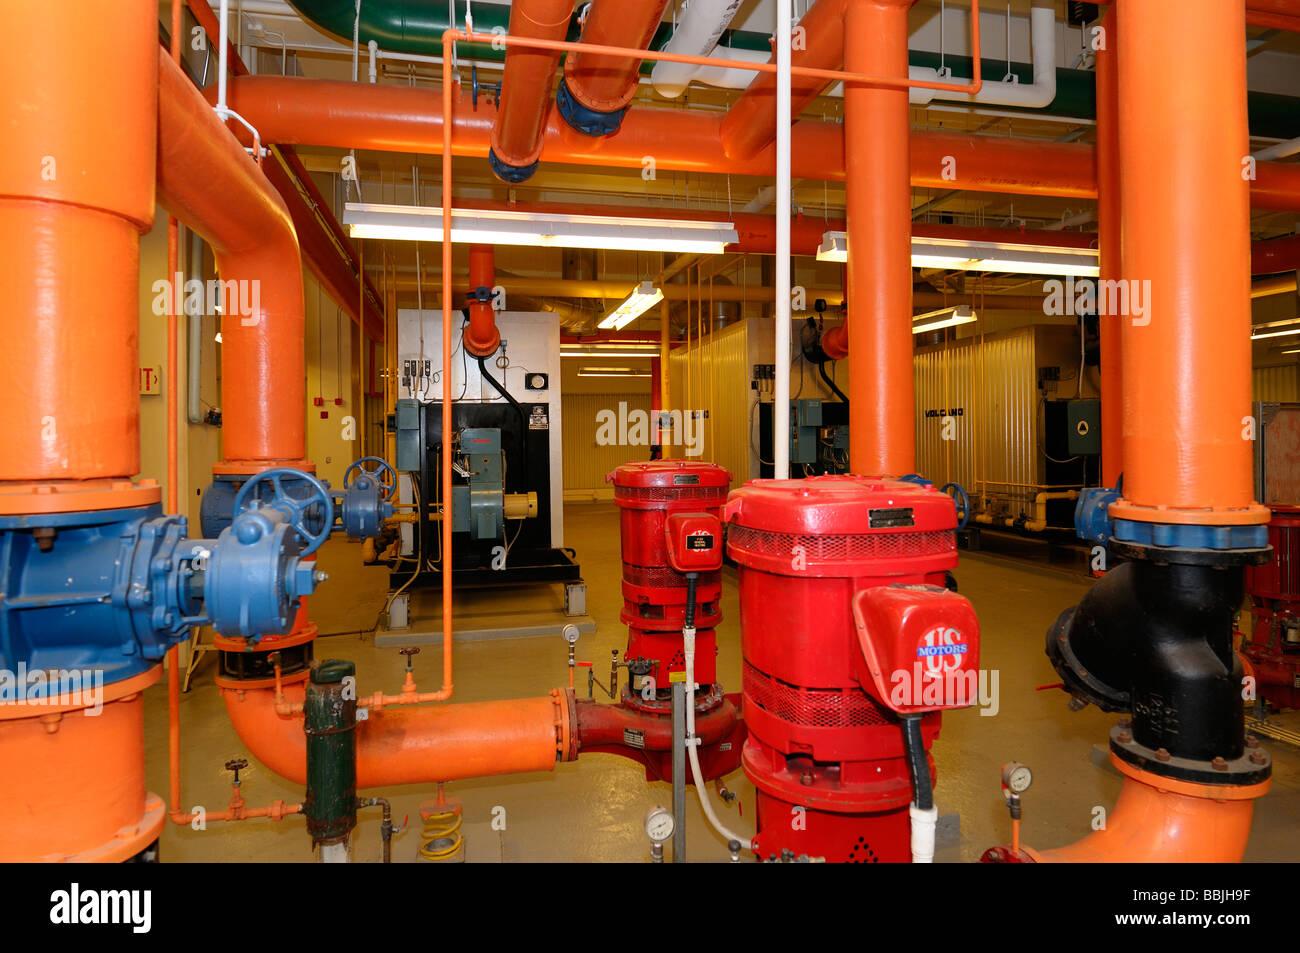 Fila di forni e i tubi di acqua calda dipinta di arancione in sala caldaia di un grattacielo edificio per uffici Immagini Stock